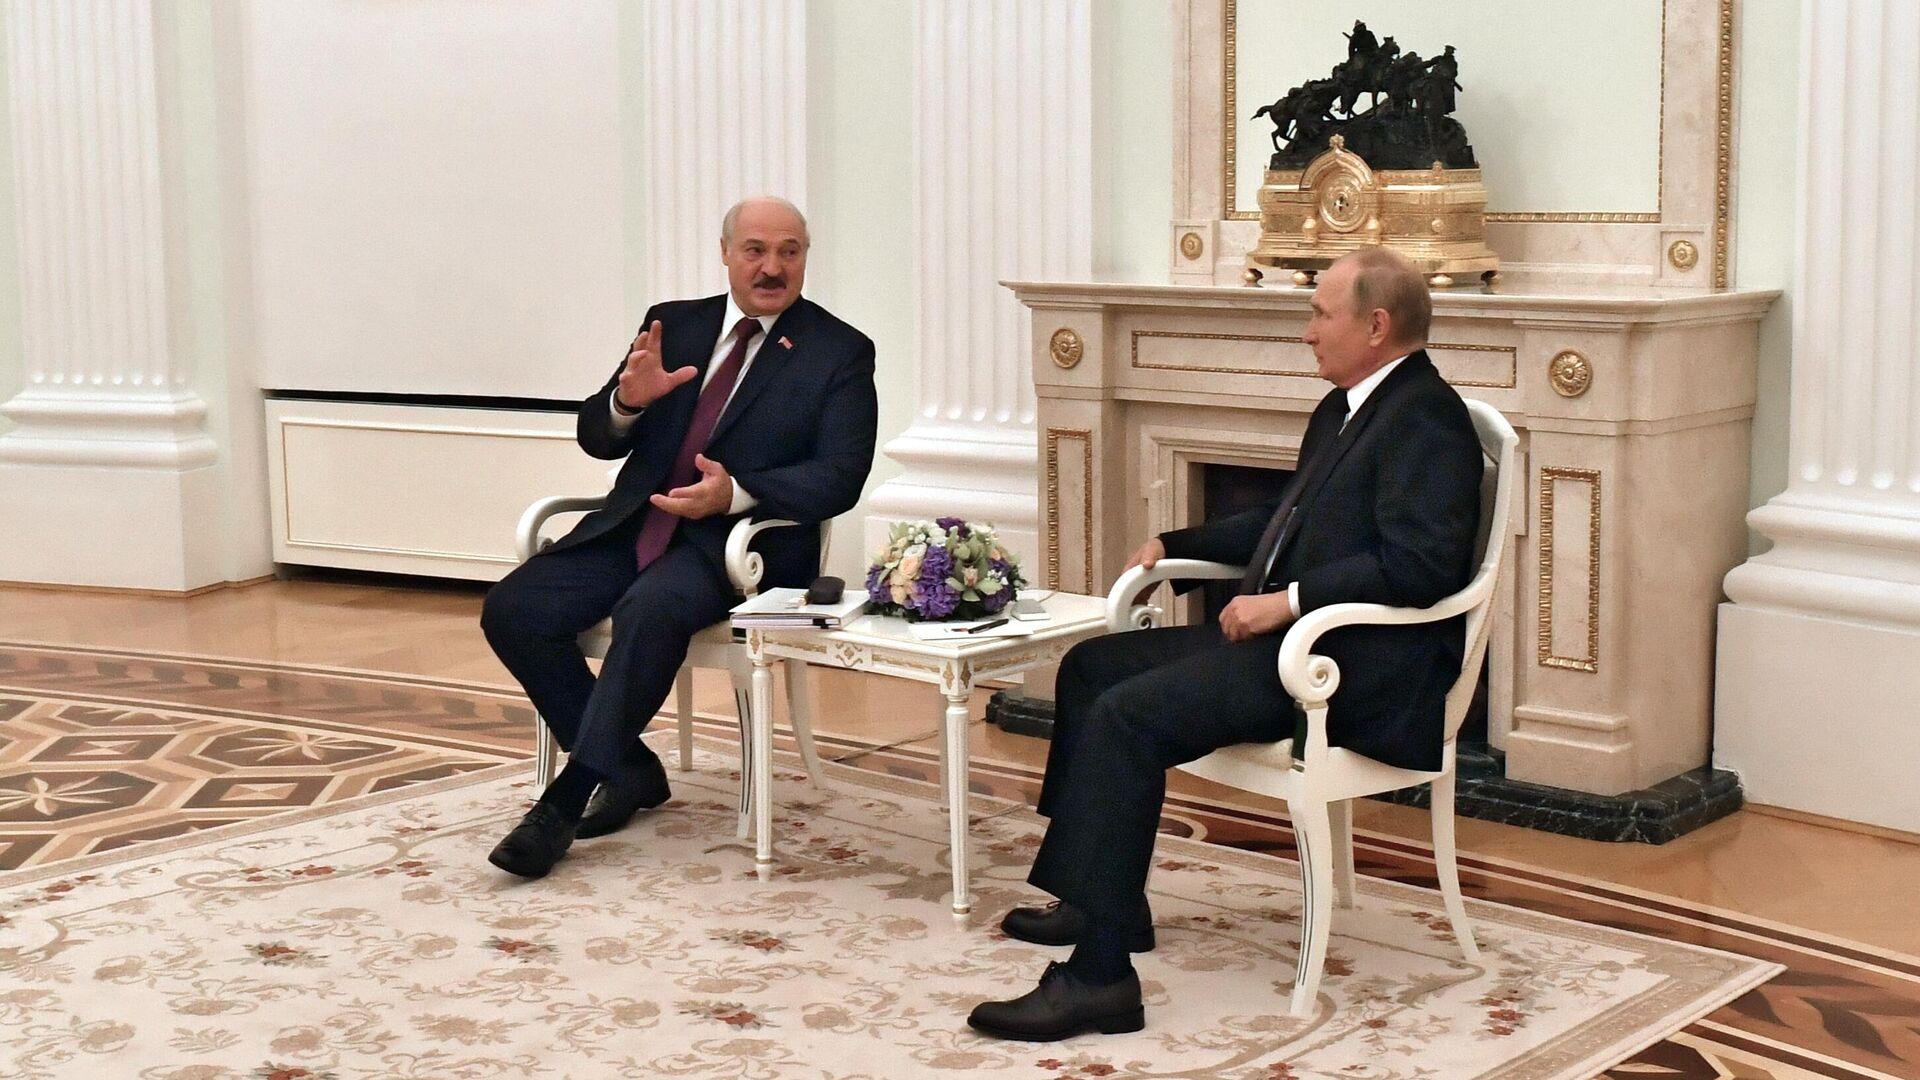 Президент РФ Владимир Путин и президент Белоруссии Александр Лукашенко во время встречи в Москве  - РИА Новости, 1920, 07.10.2021